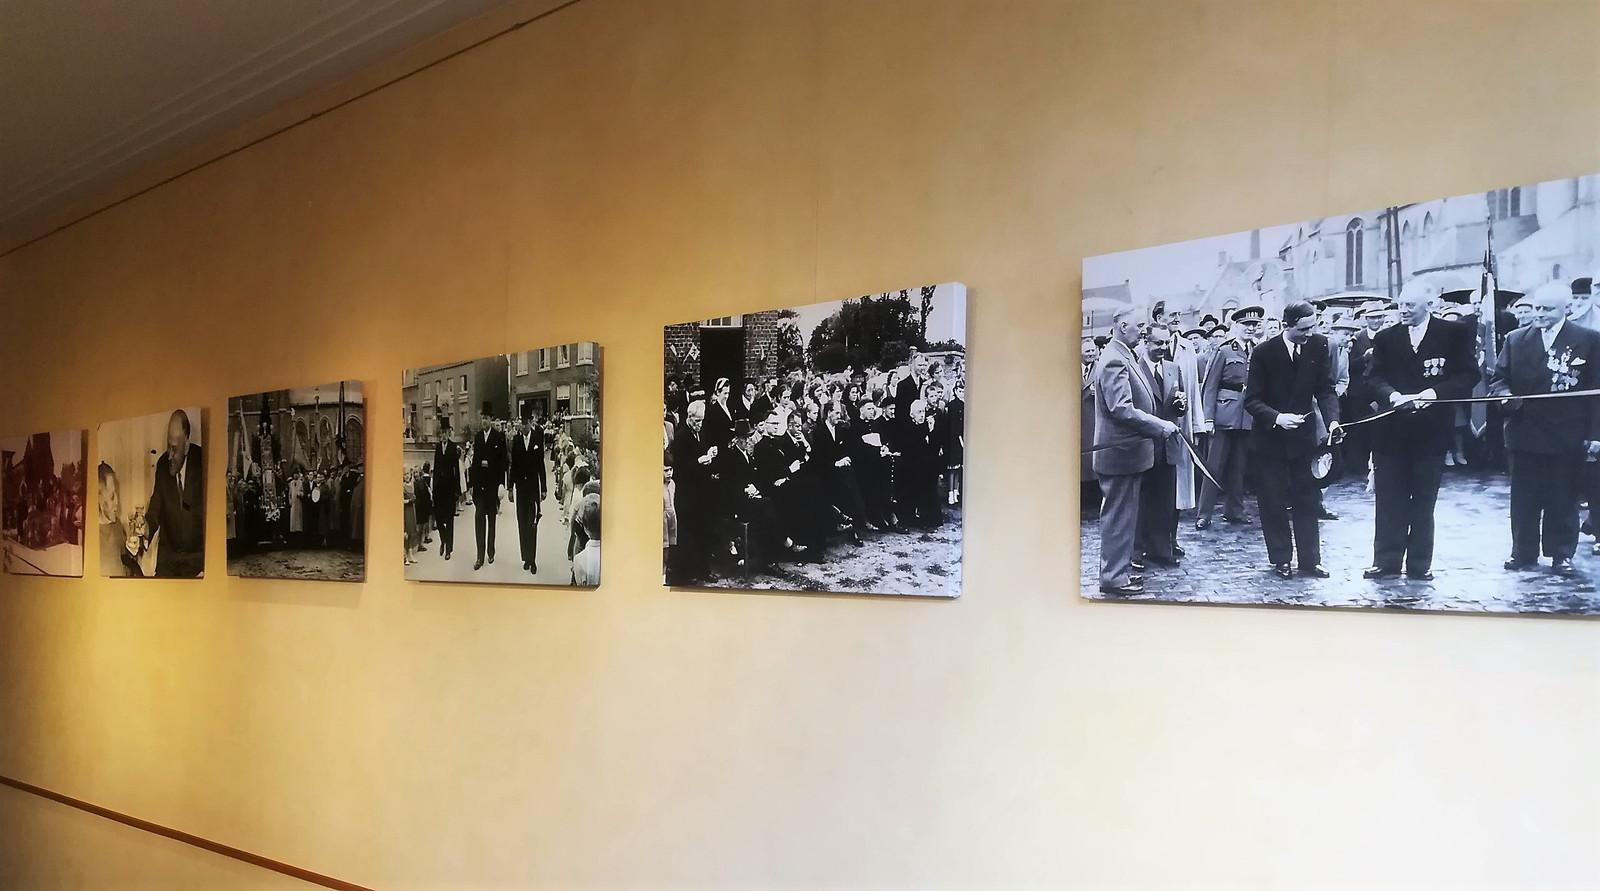 'Kortemark Verbeeldt' toont foto's van verschillende burgemeesters uit de gemeente